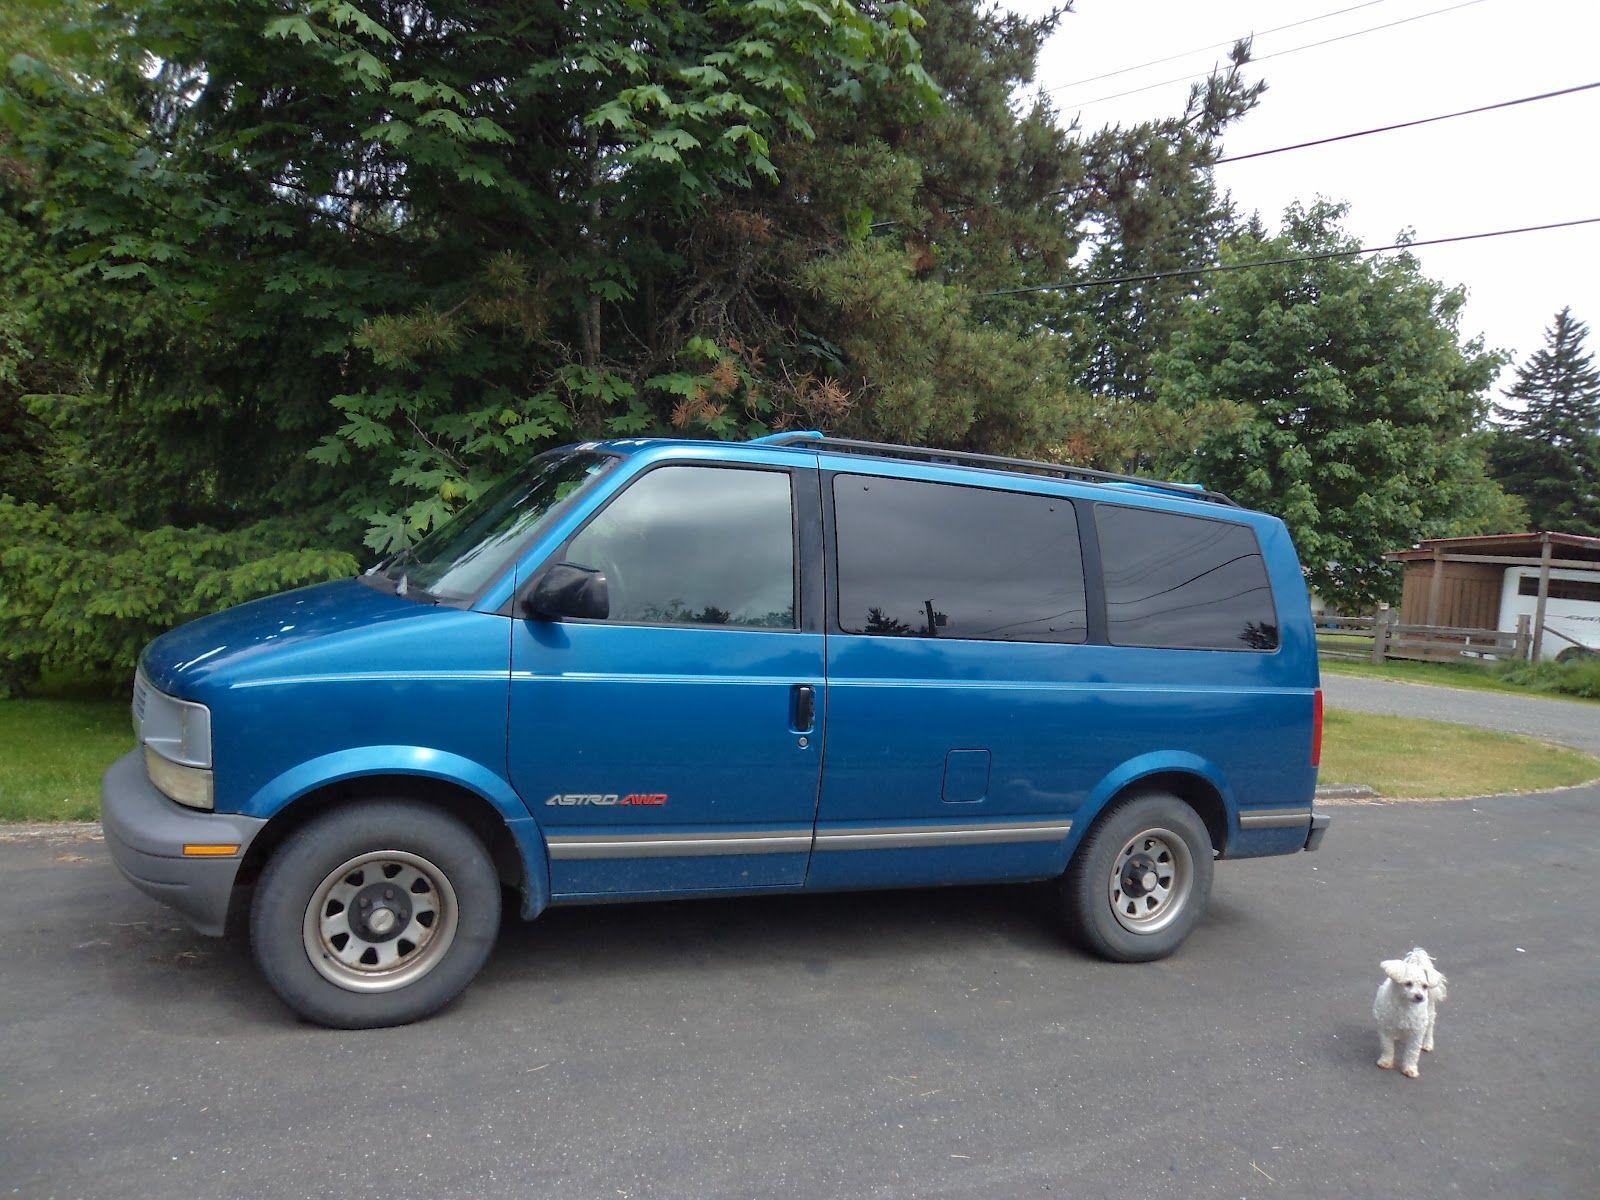 Chevy Astro Van Google Search Astro Van Chevrolet Astro Camper Conversion